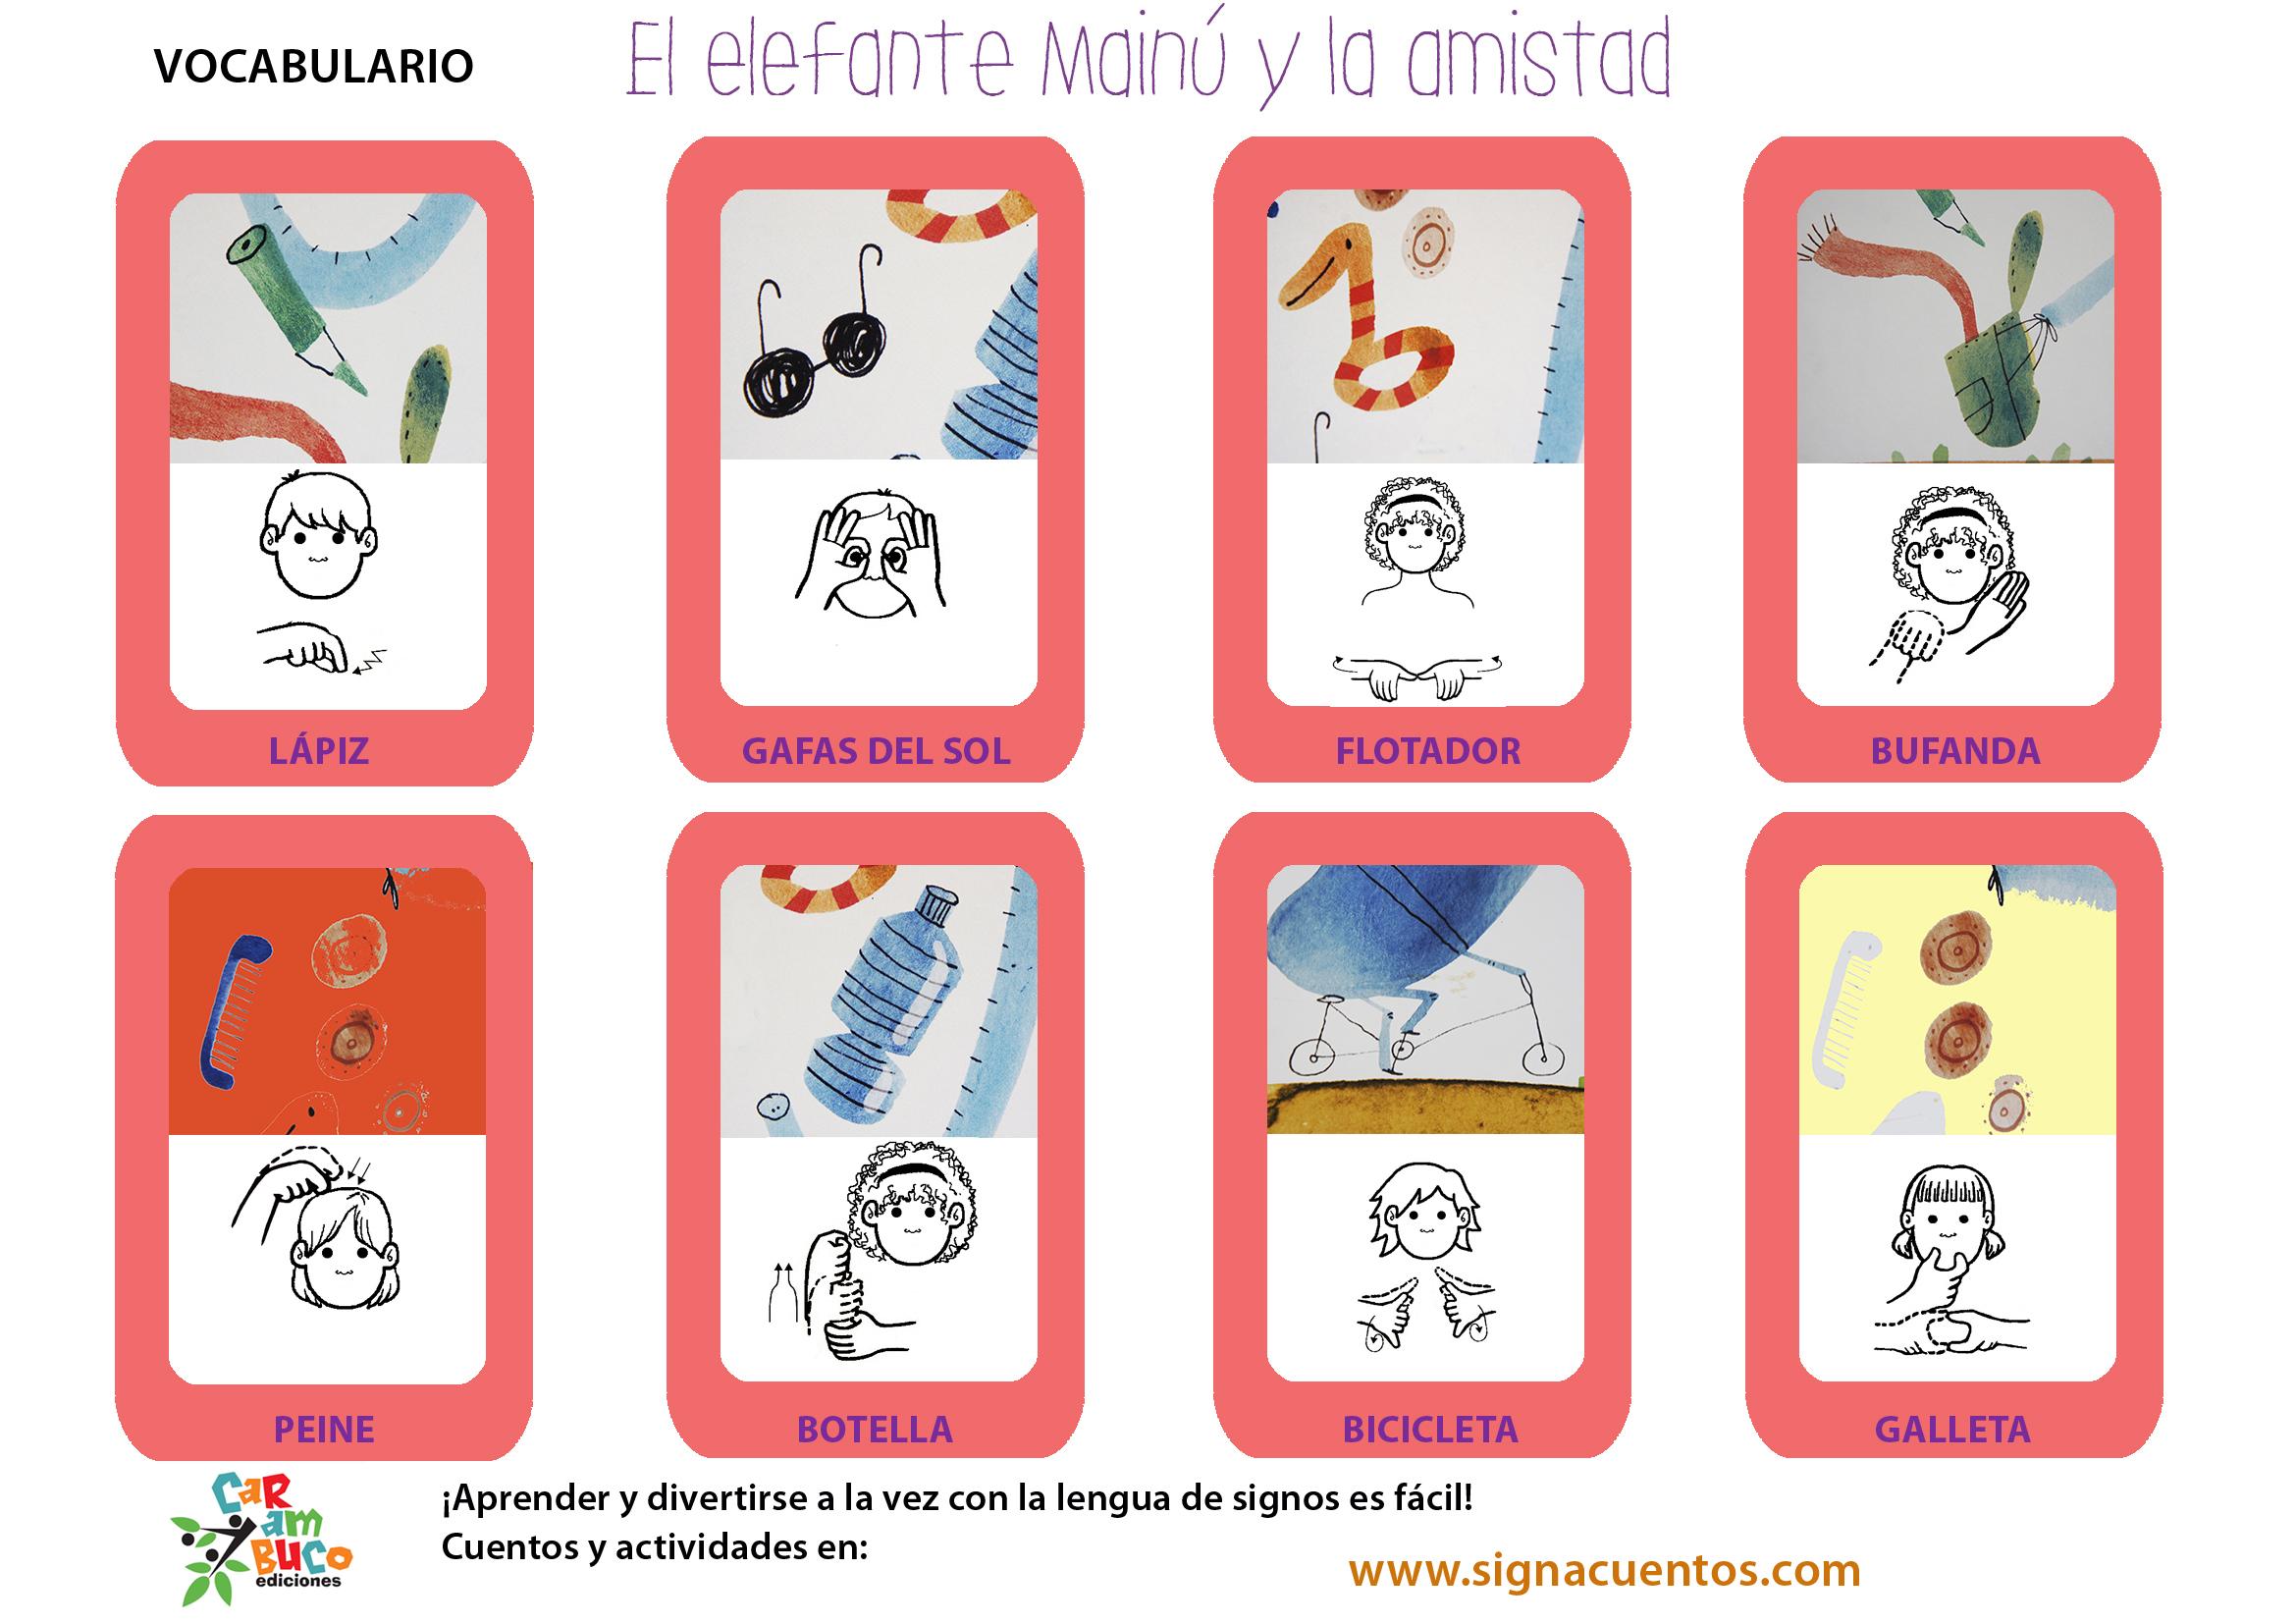 Vocabulario cosas en lengua de signos española